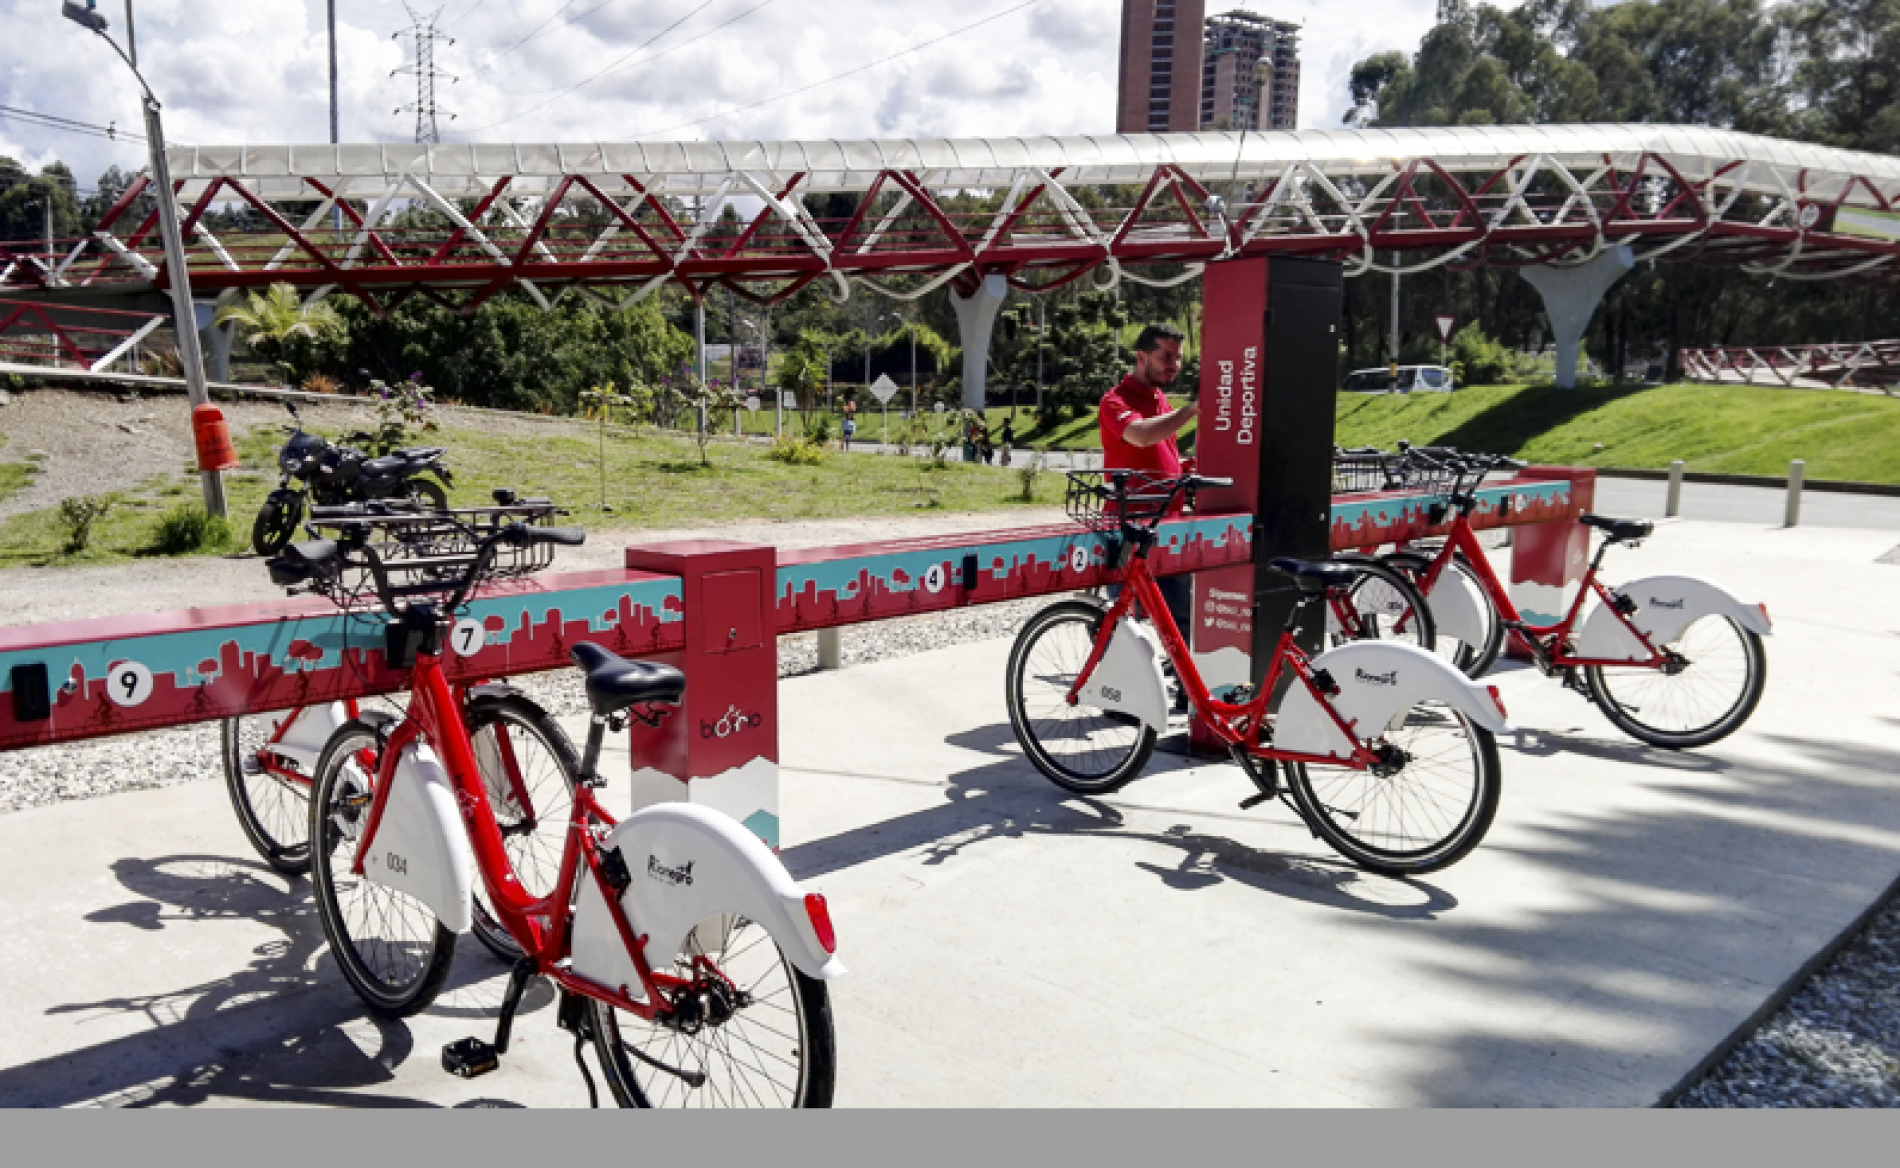 En Rionegro se puede viajar gratis en Bici-río por toda la ciudad ¿Cómo funciona?